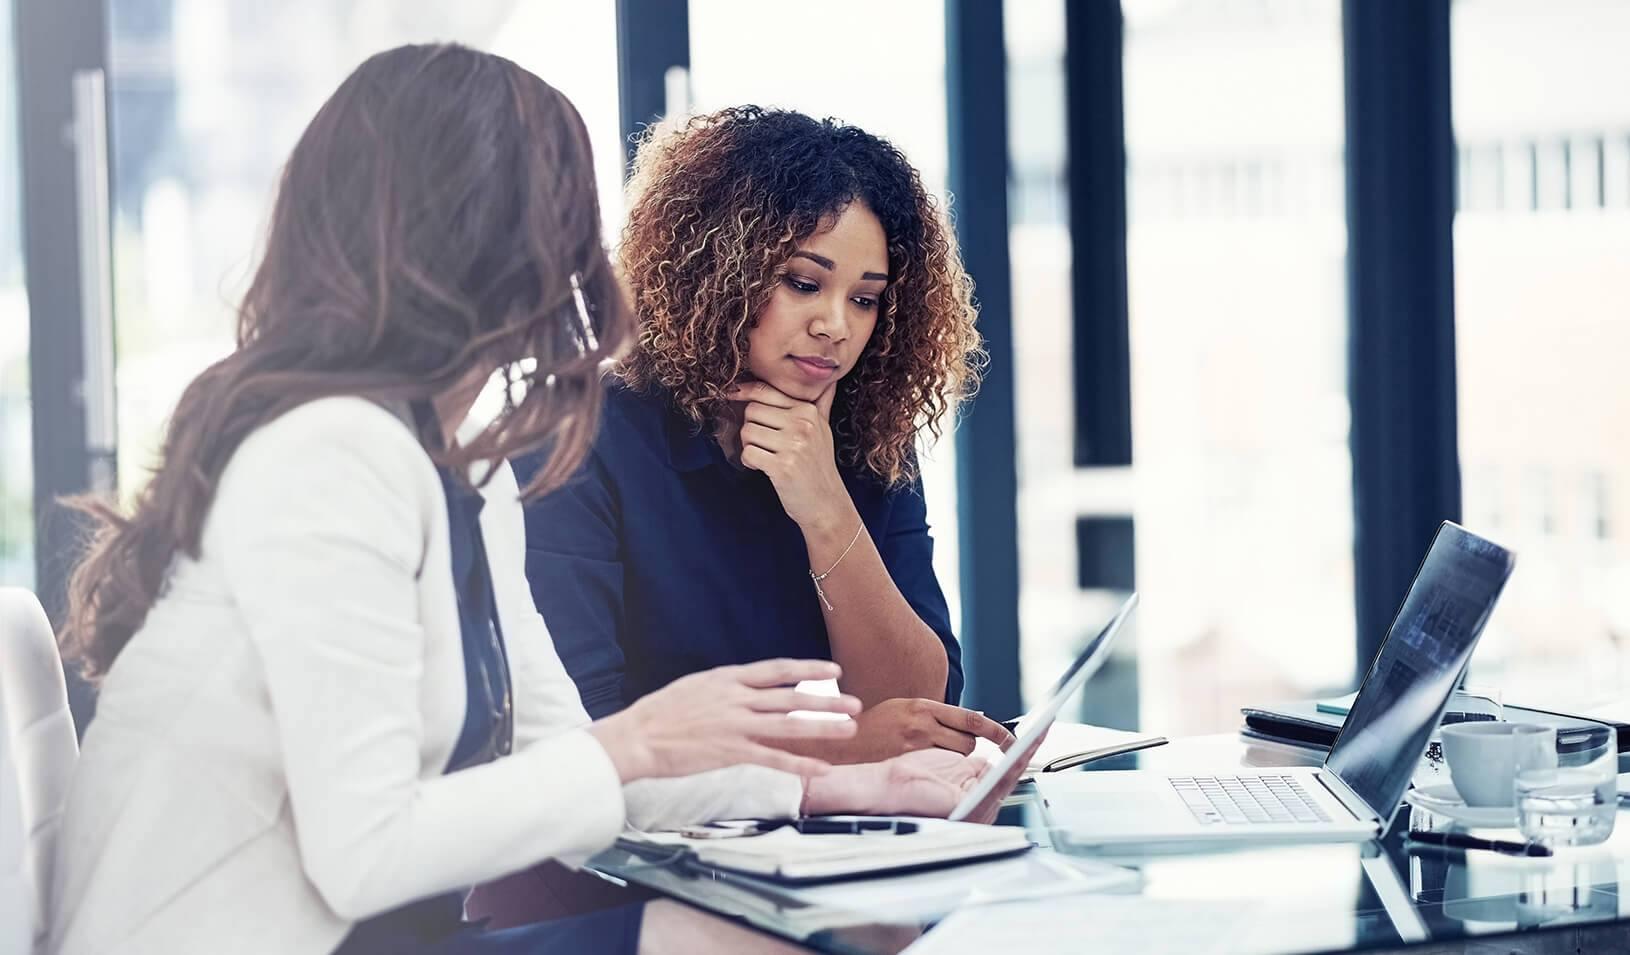 در شرایط اقتصادی  پس از پاندمی ،یک سوم زنان شاغل کانادایی به انصراف از کار فکرمیکنند